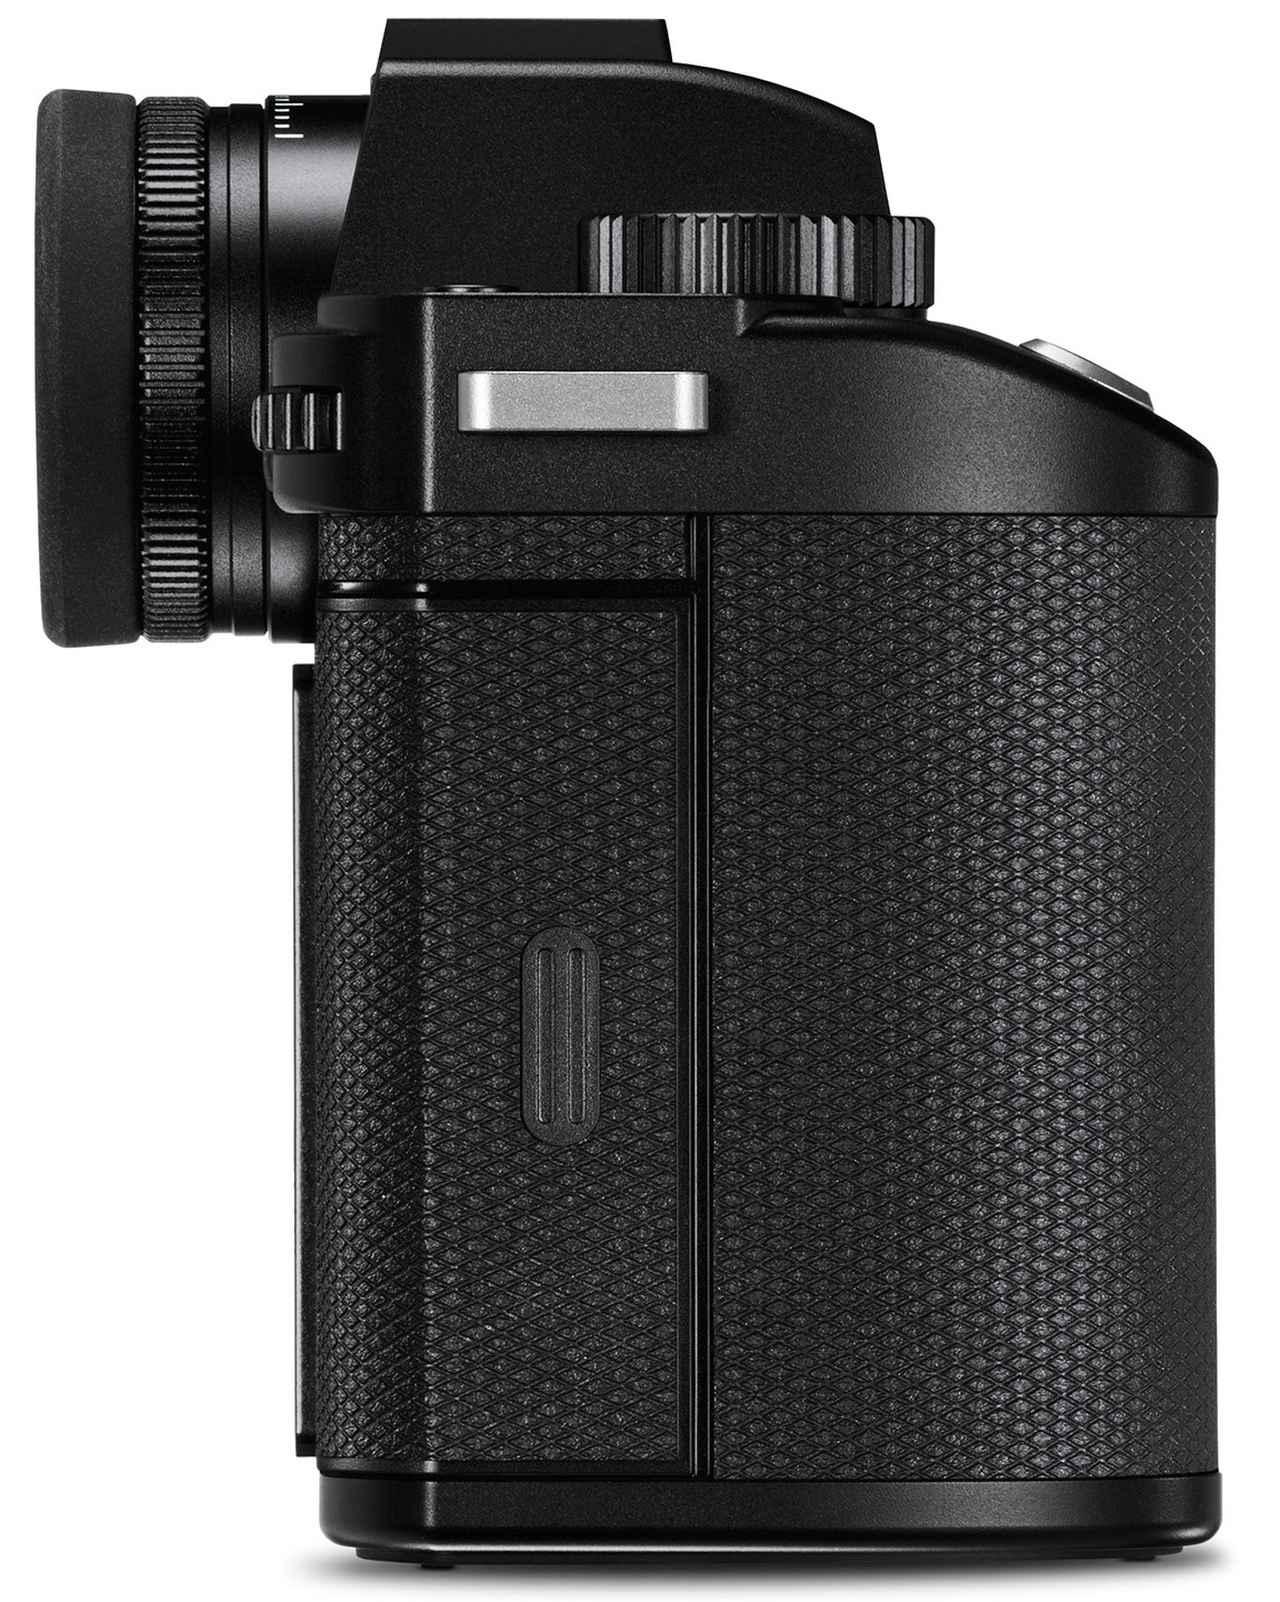 画像4: 47MPセンサー&576万ドット高精細EVF搭載 フルサイズミラーレス、ライカSL2